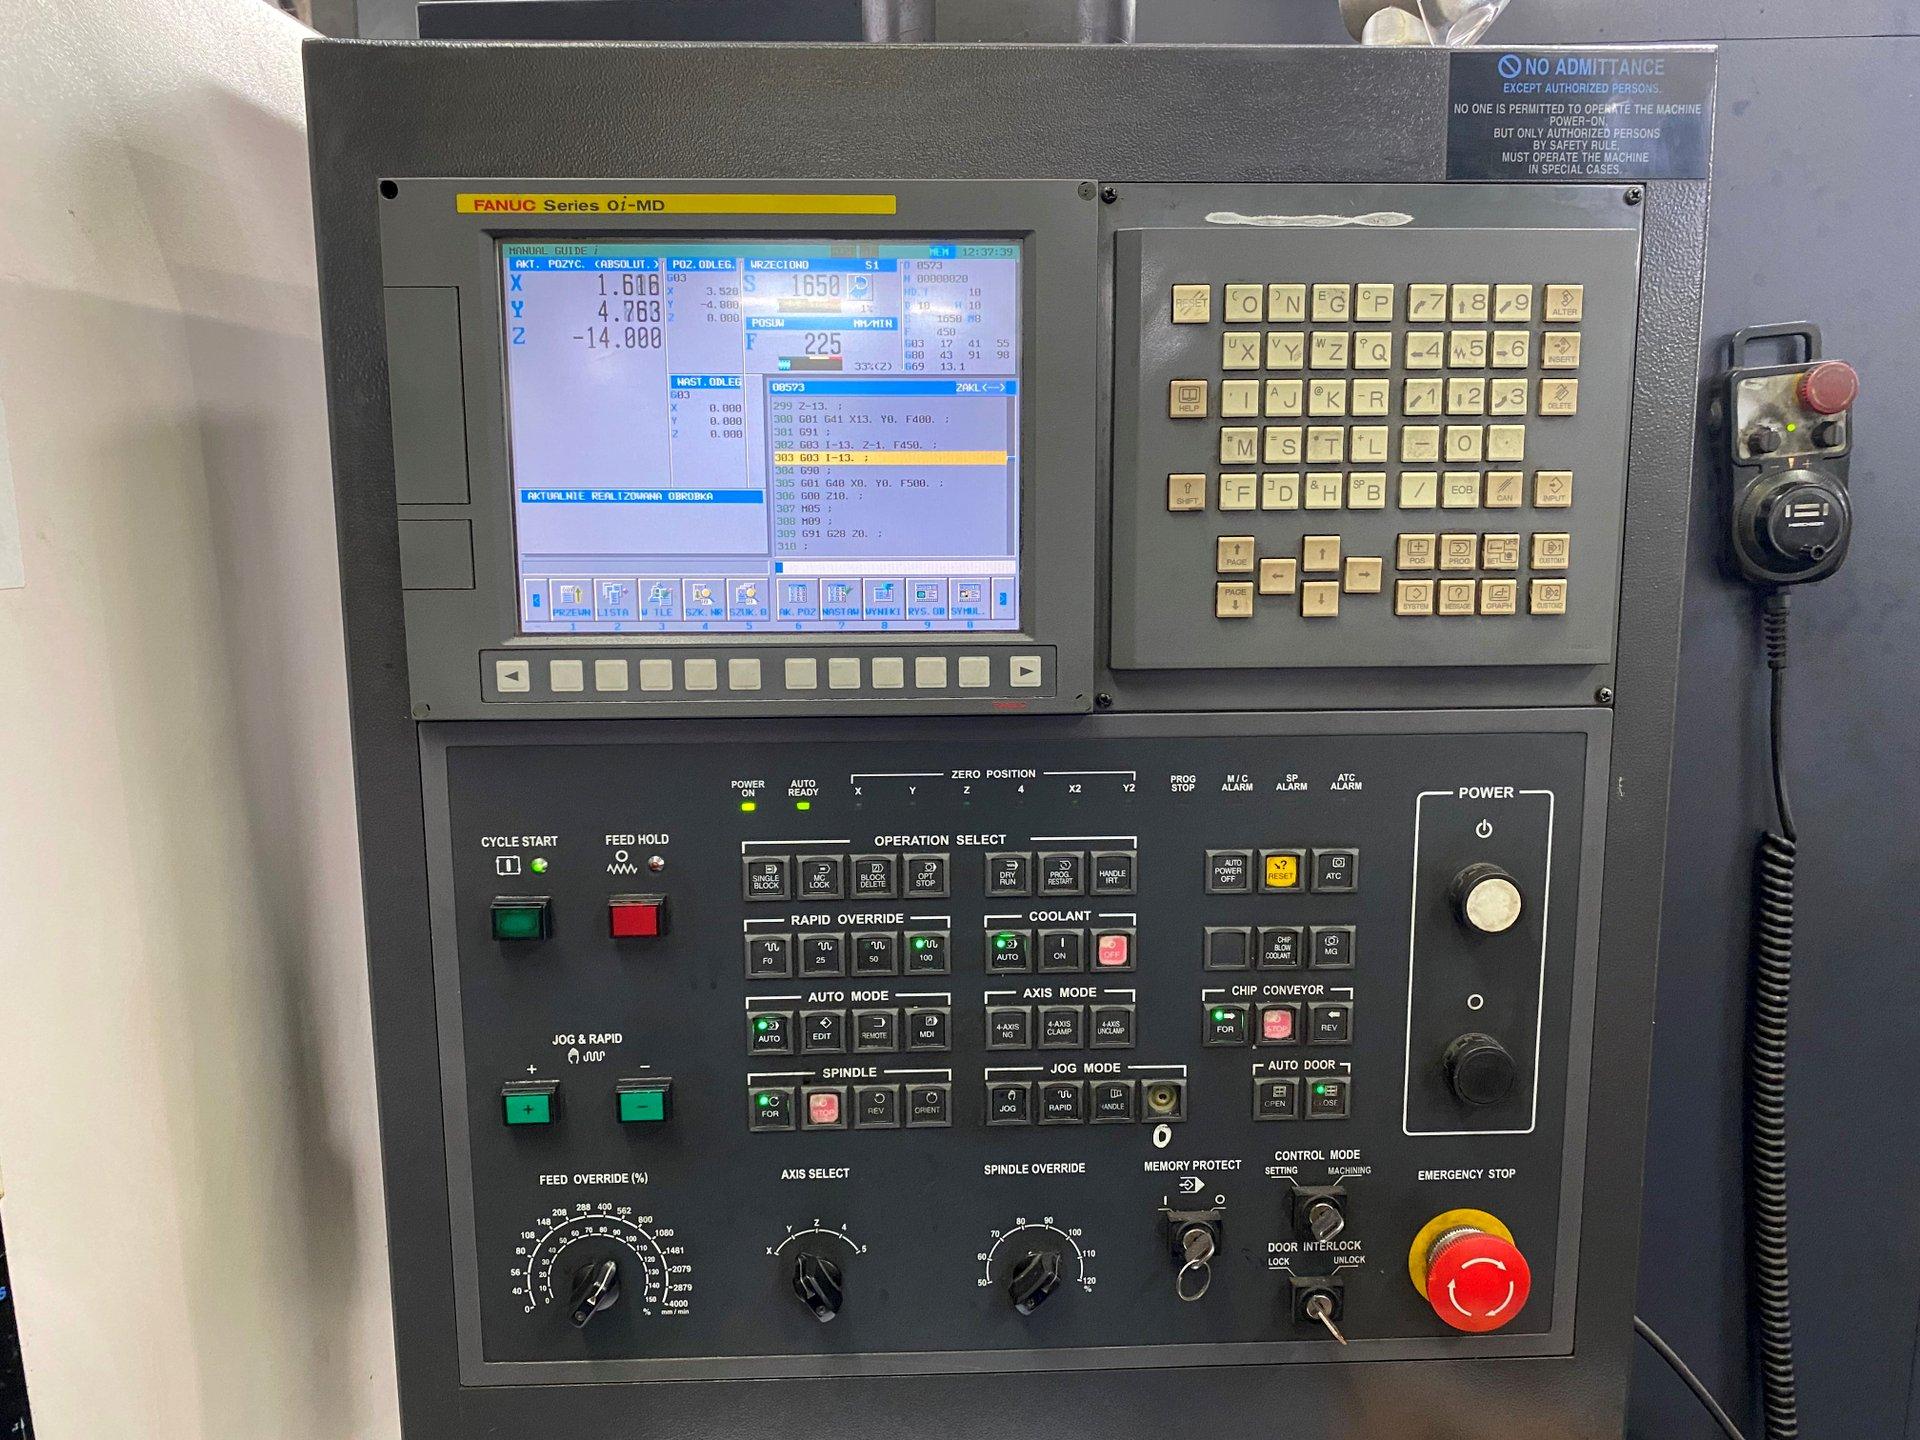 Centro di fresatura CNC HWACHEON VESTA 1050B 8 in vendita - foto 2